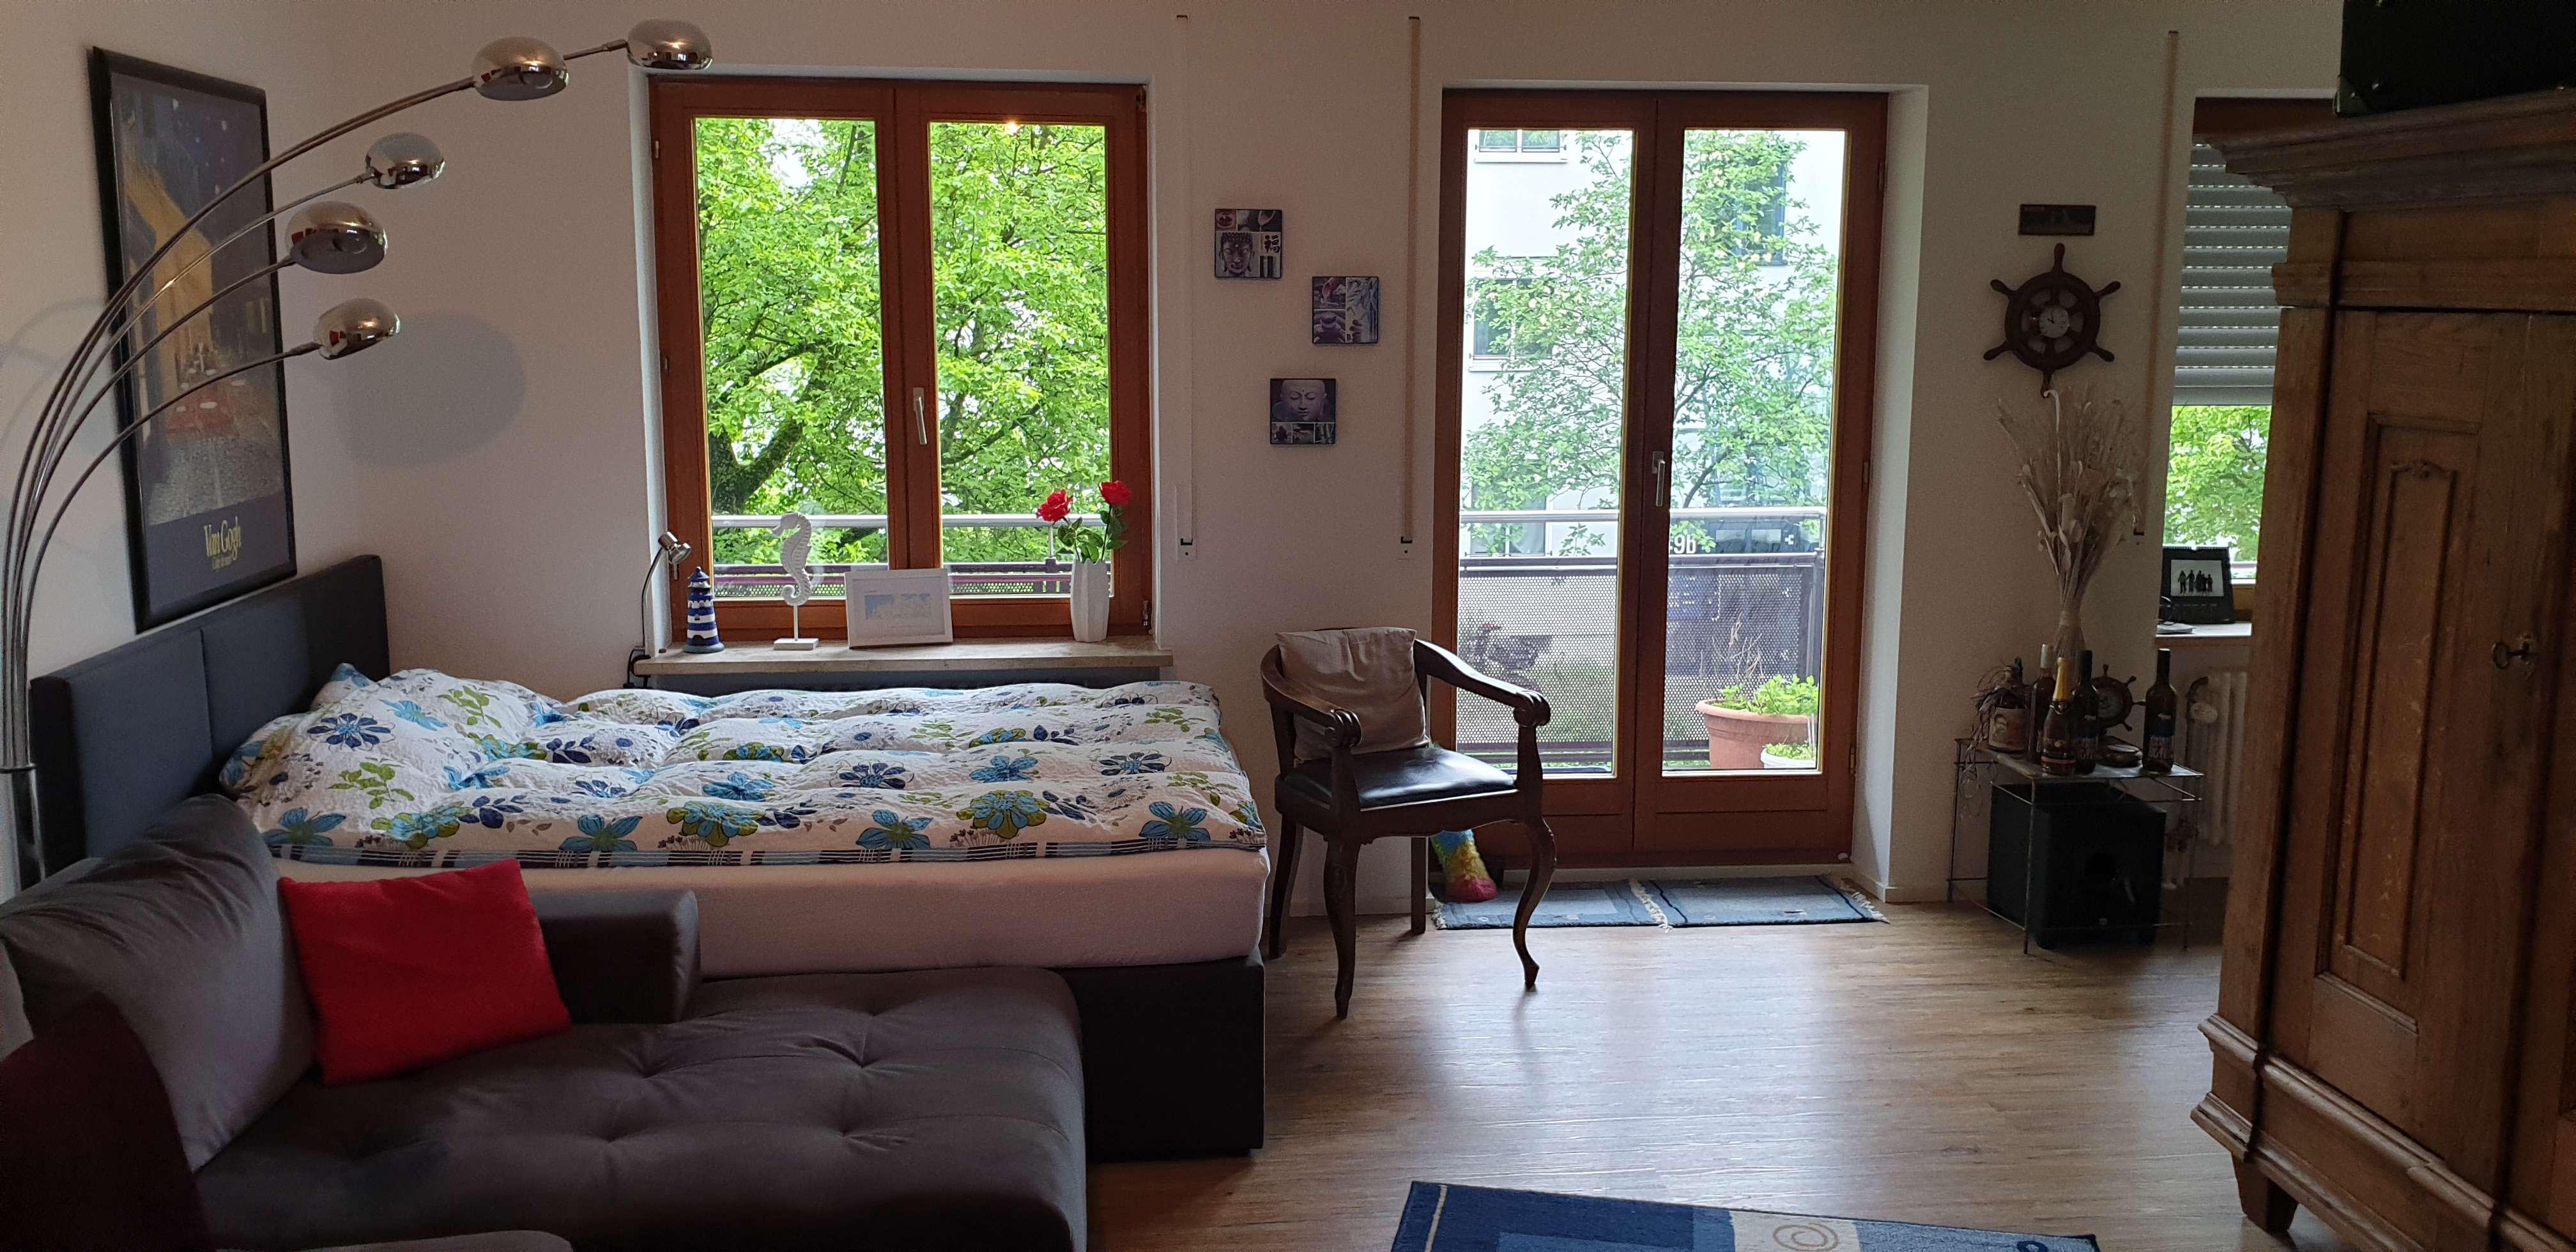 Stilvolle, geräumige 1-Zimmer-Wohnung mit Balkon und Einbauküche in Augsburg